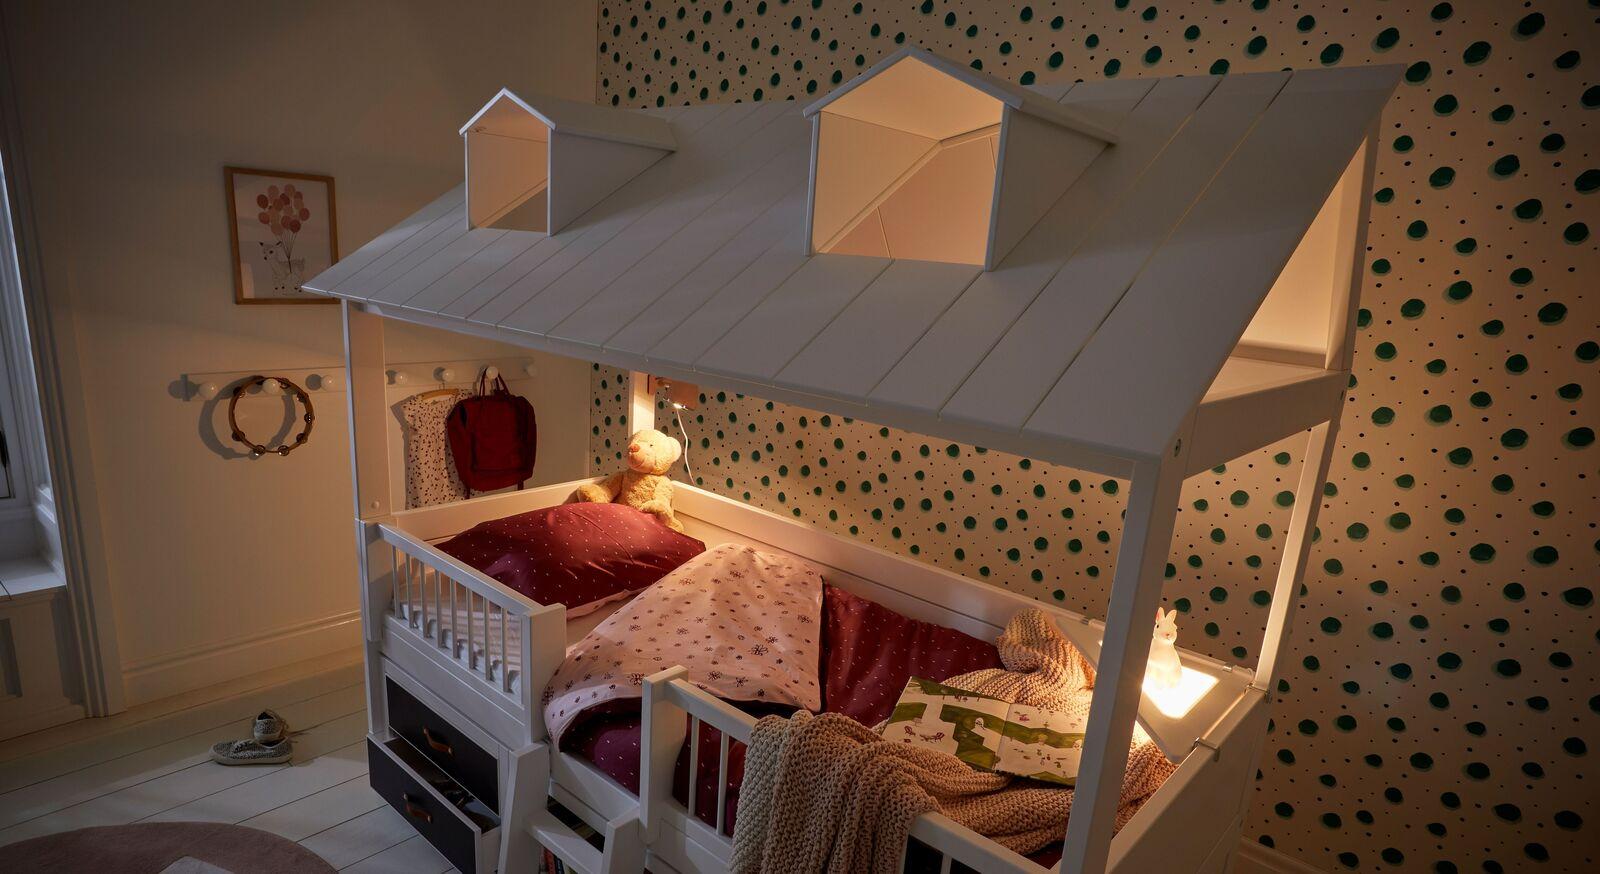 LIFETIME Kojenbett Beachhouse mit romantischer Beleuchtung